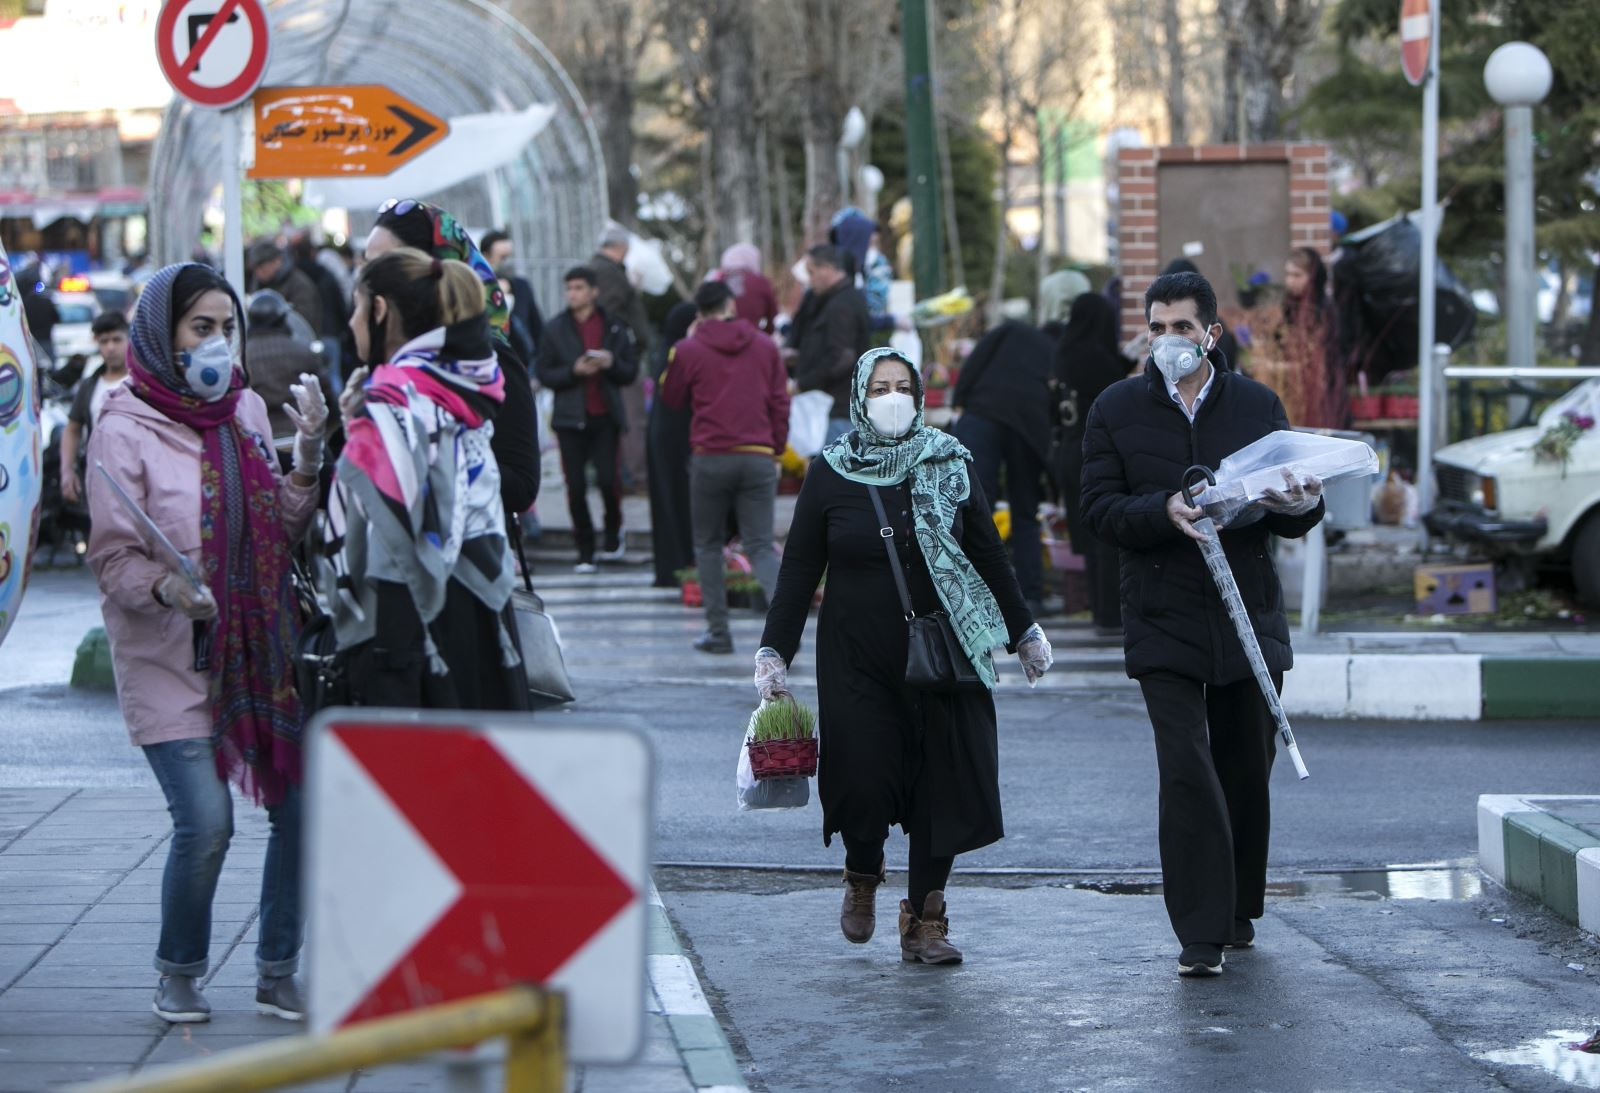 Người dân đeo khẩu trang để phòng tránh lây nhiễm COVID-19 tại Tehran, Iran, ngày 19-3-2020. Ảnh: THX/ TTXVN